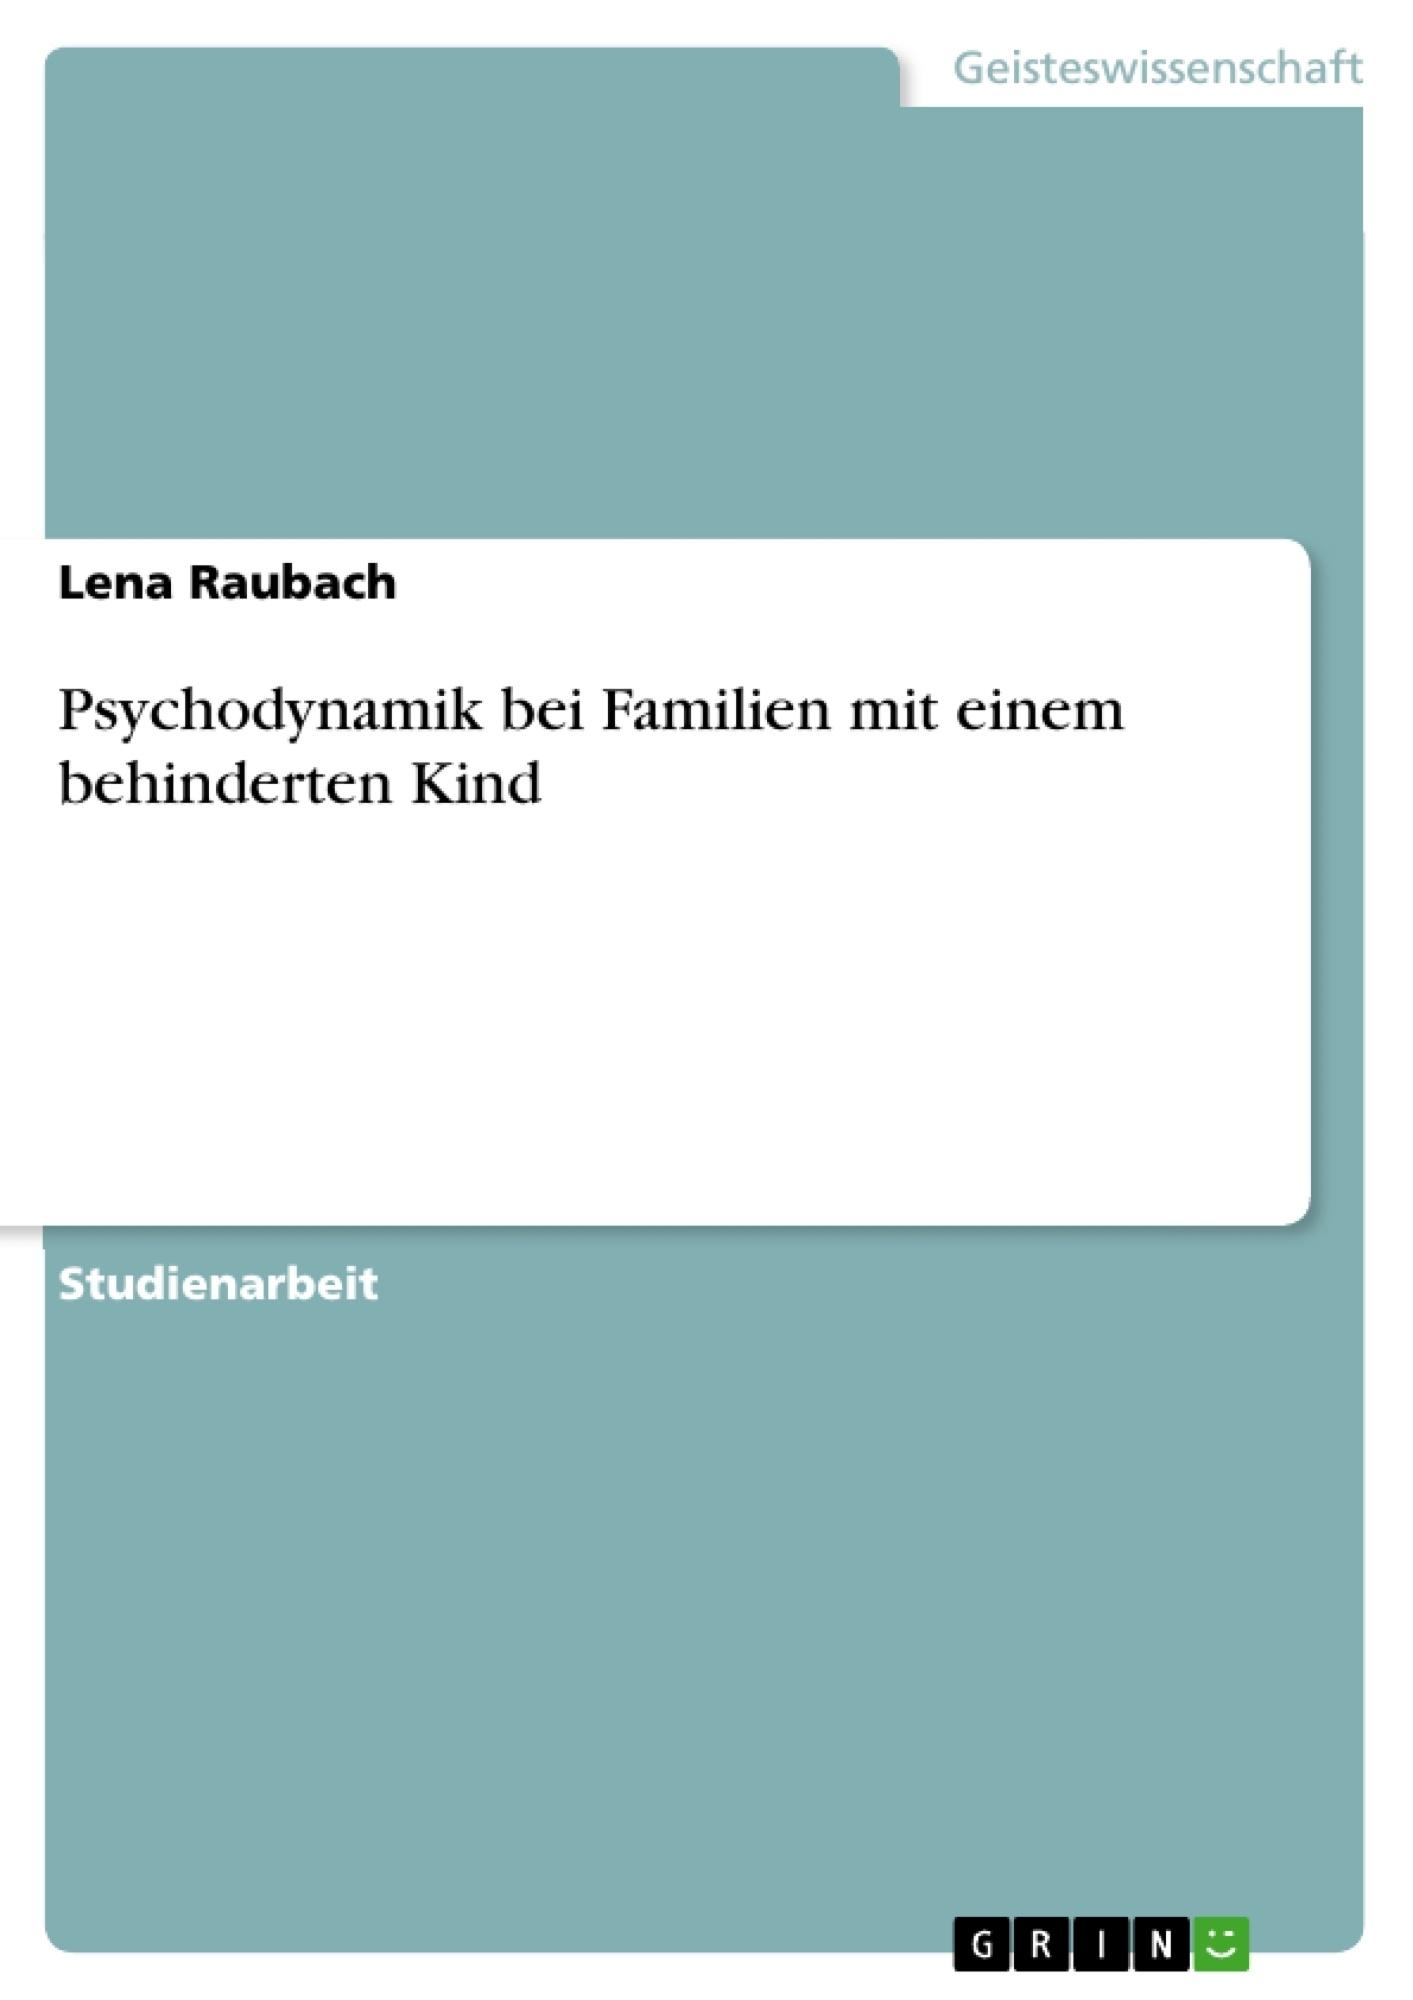 Titel: Psychodynamik bei Familien mit einem behinderten Kind